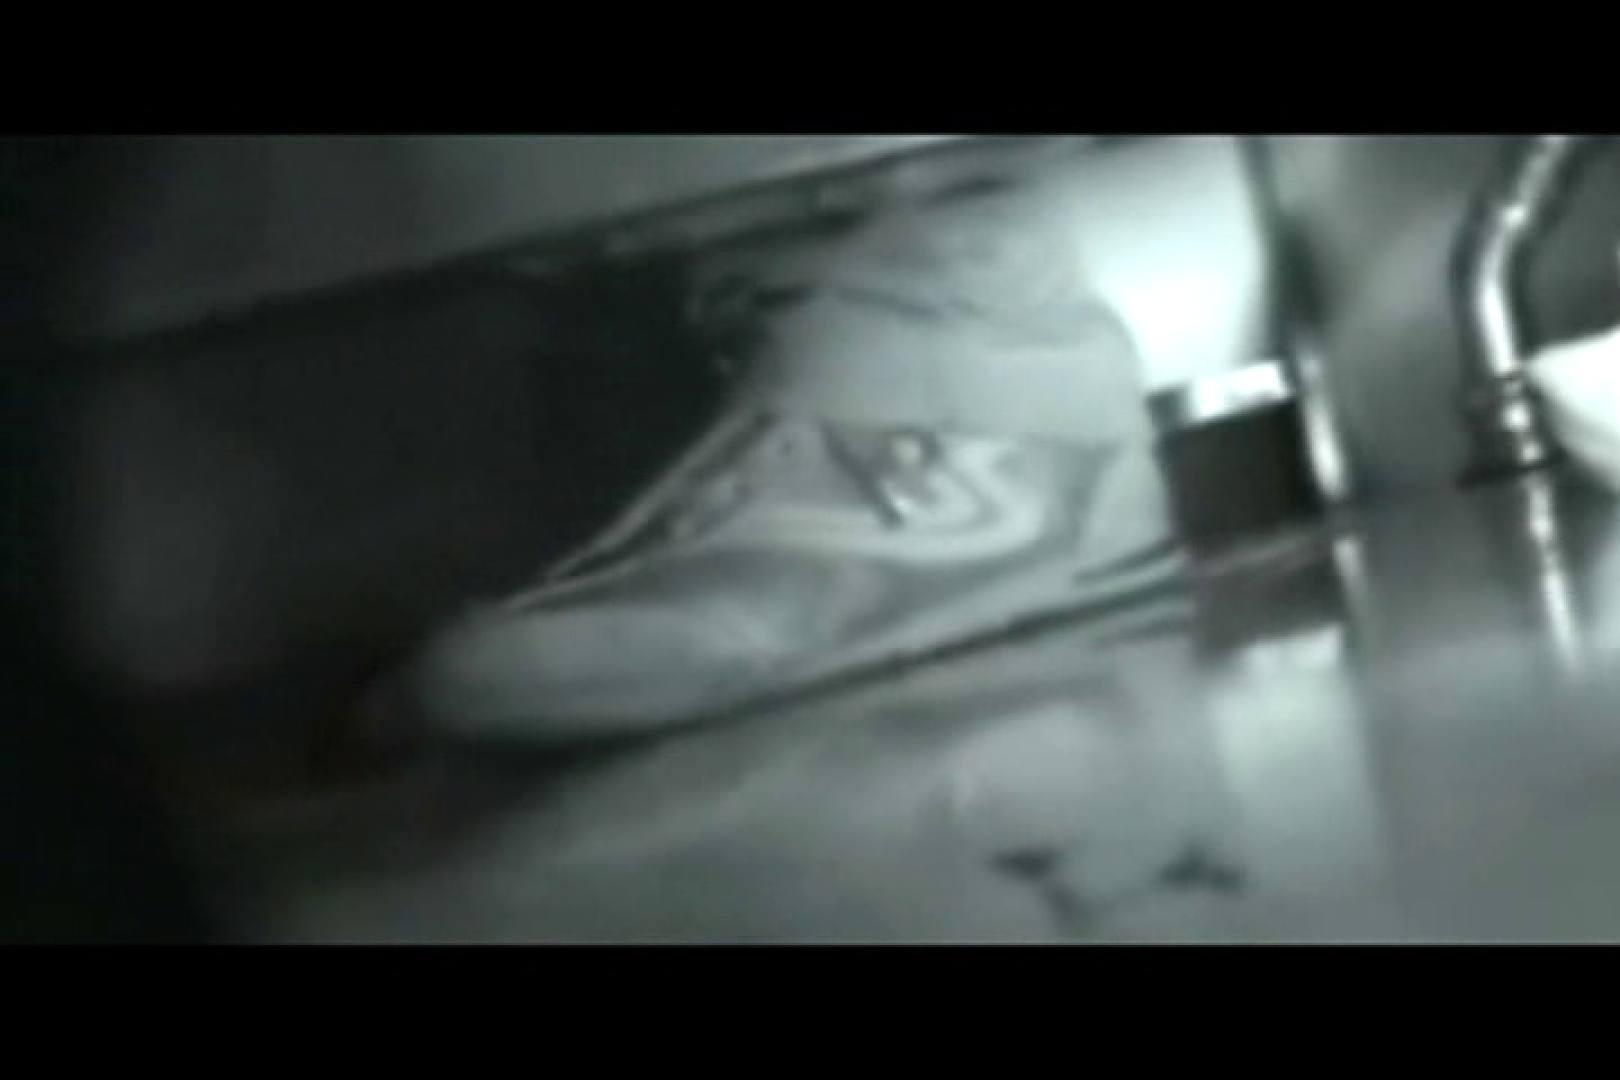 ぼっとん洗面所スペシャルVol.18 エロティックなOL ぱこり動画紹介 76画像 35